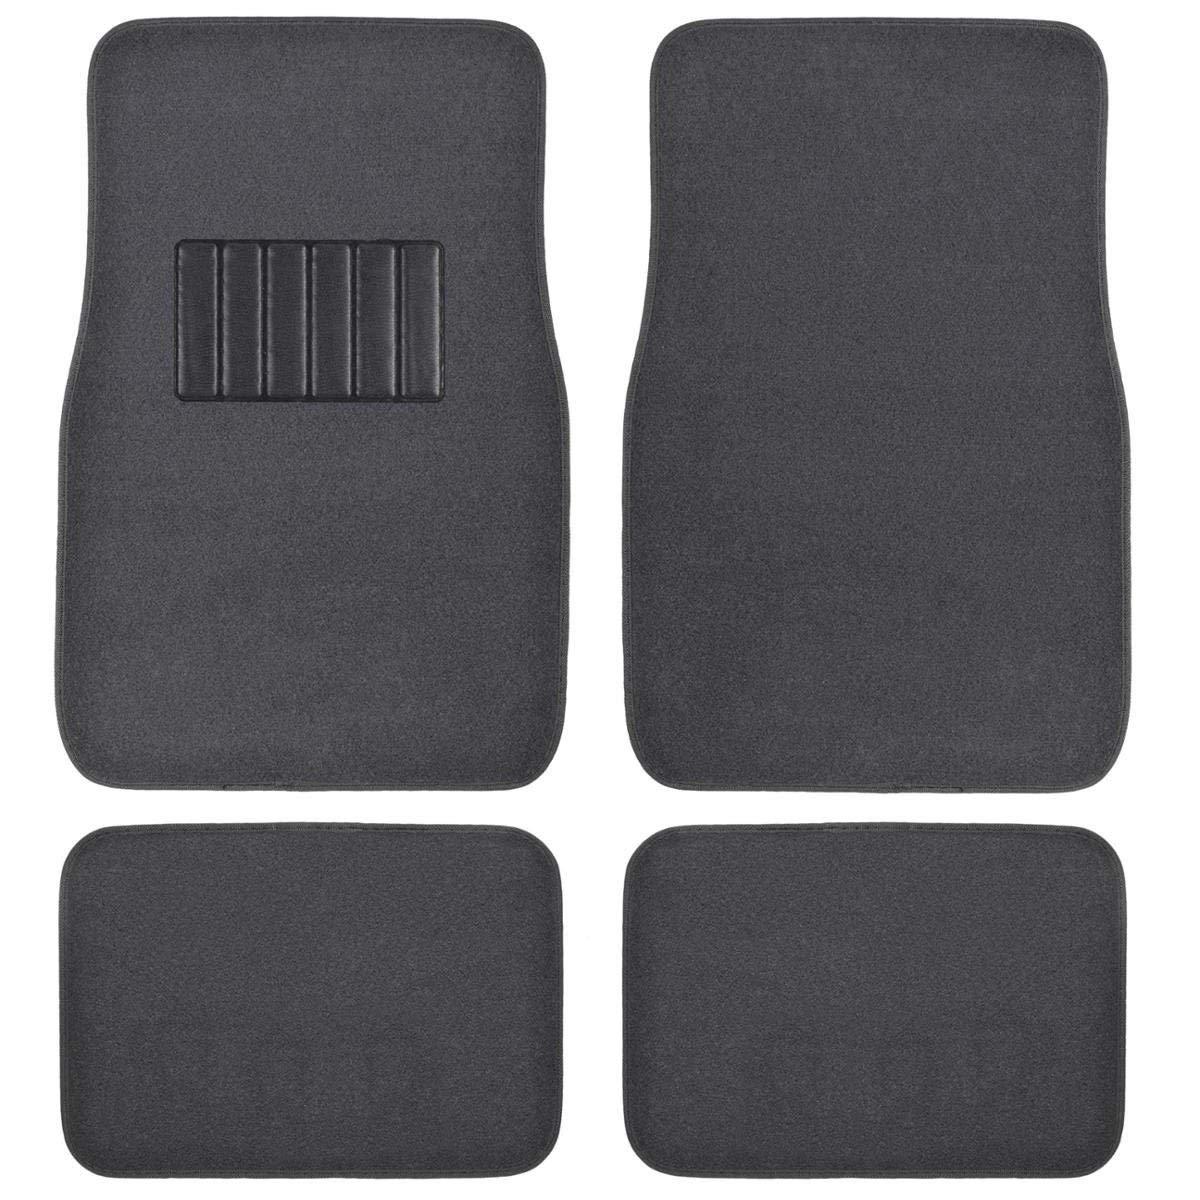 Front & Rear Carpet Car Truck SUV Floor Mats - Dark Grey